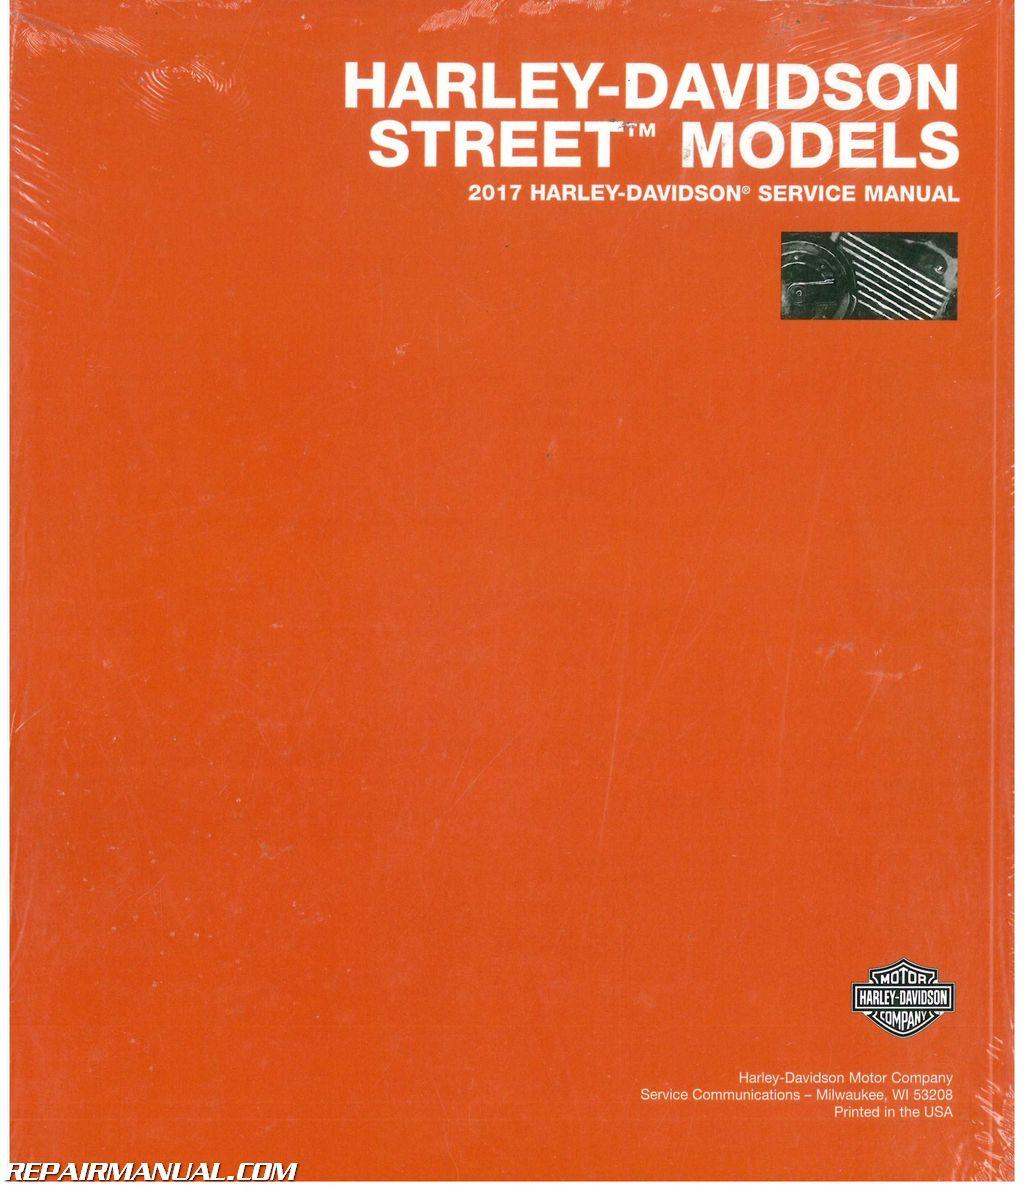 2002 harley-davidson service manual sportster models part no.